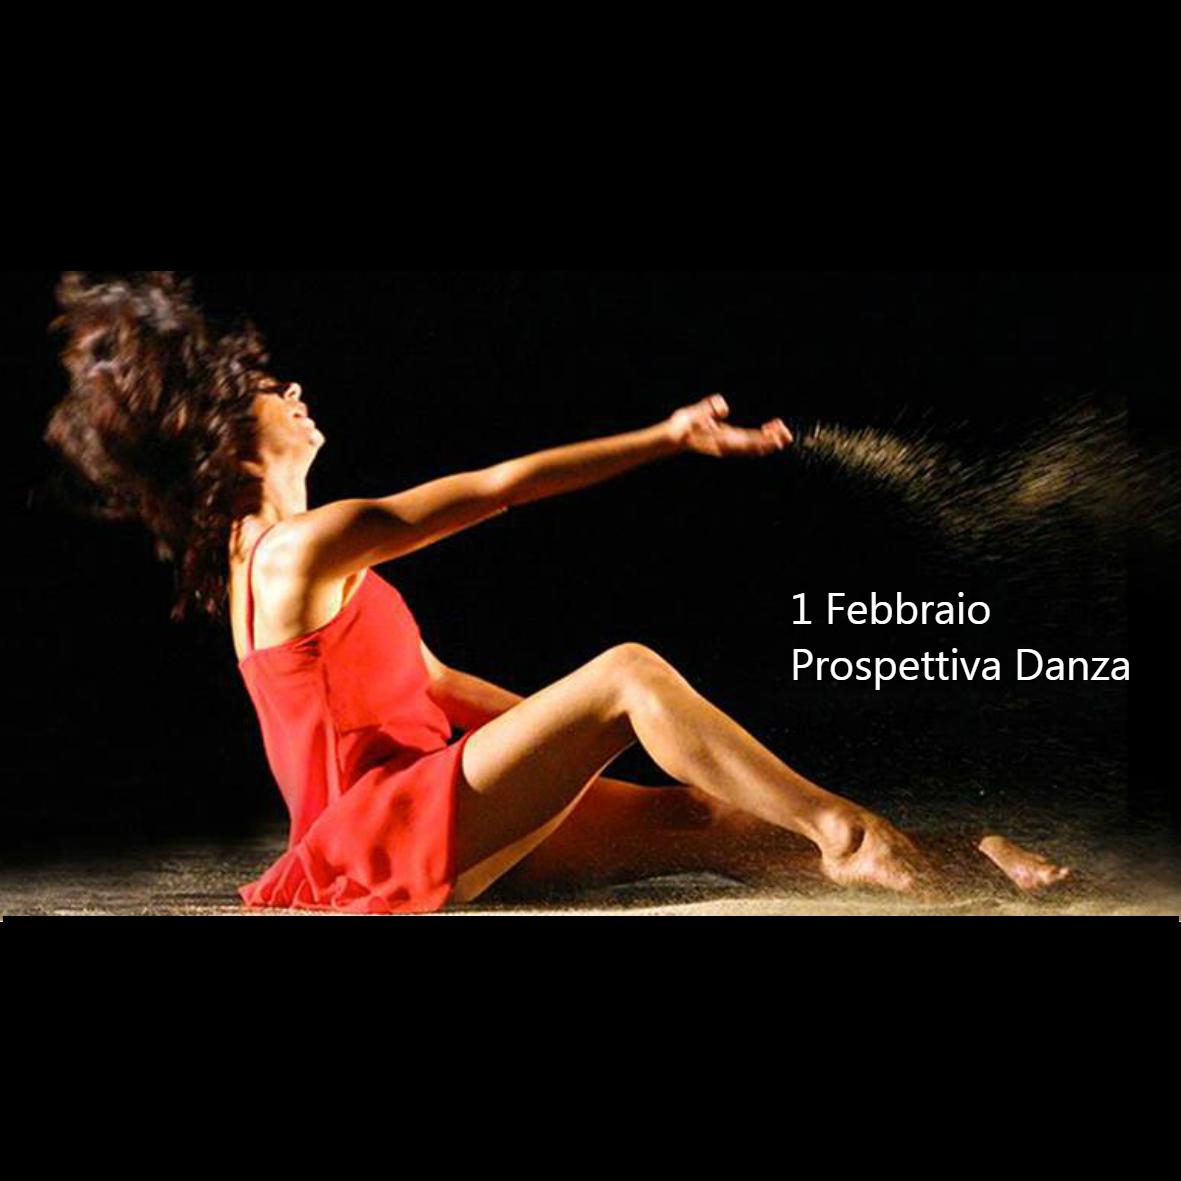 Workshop danza contemporanea - prospettiva danza - 1 febbraio 2017